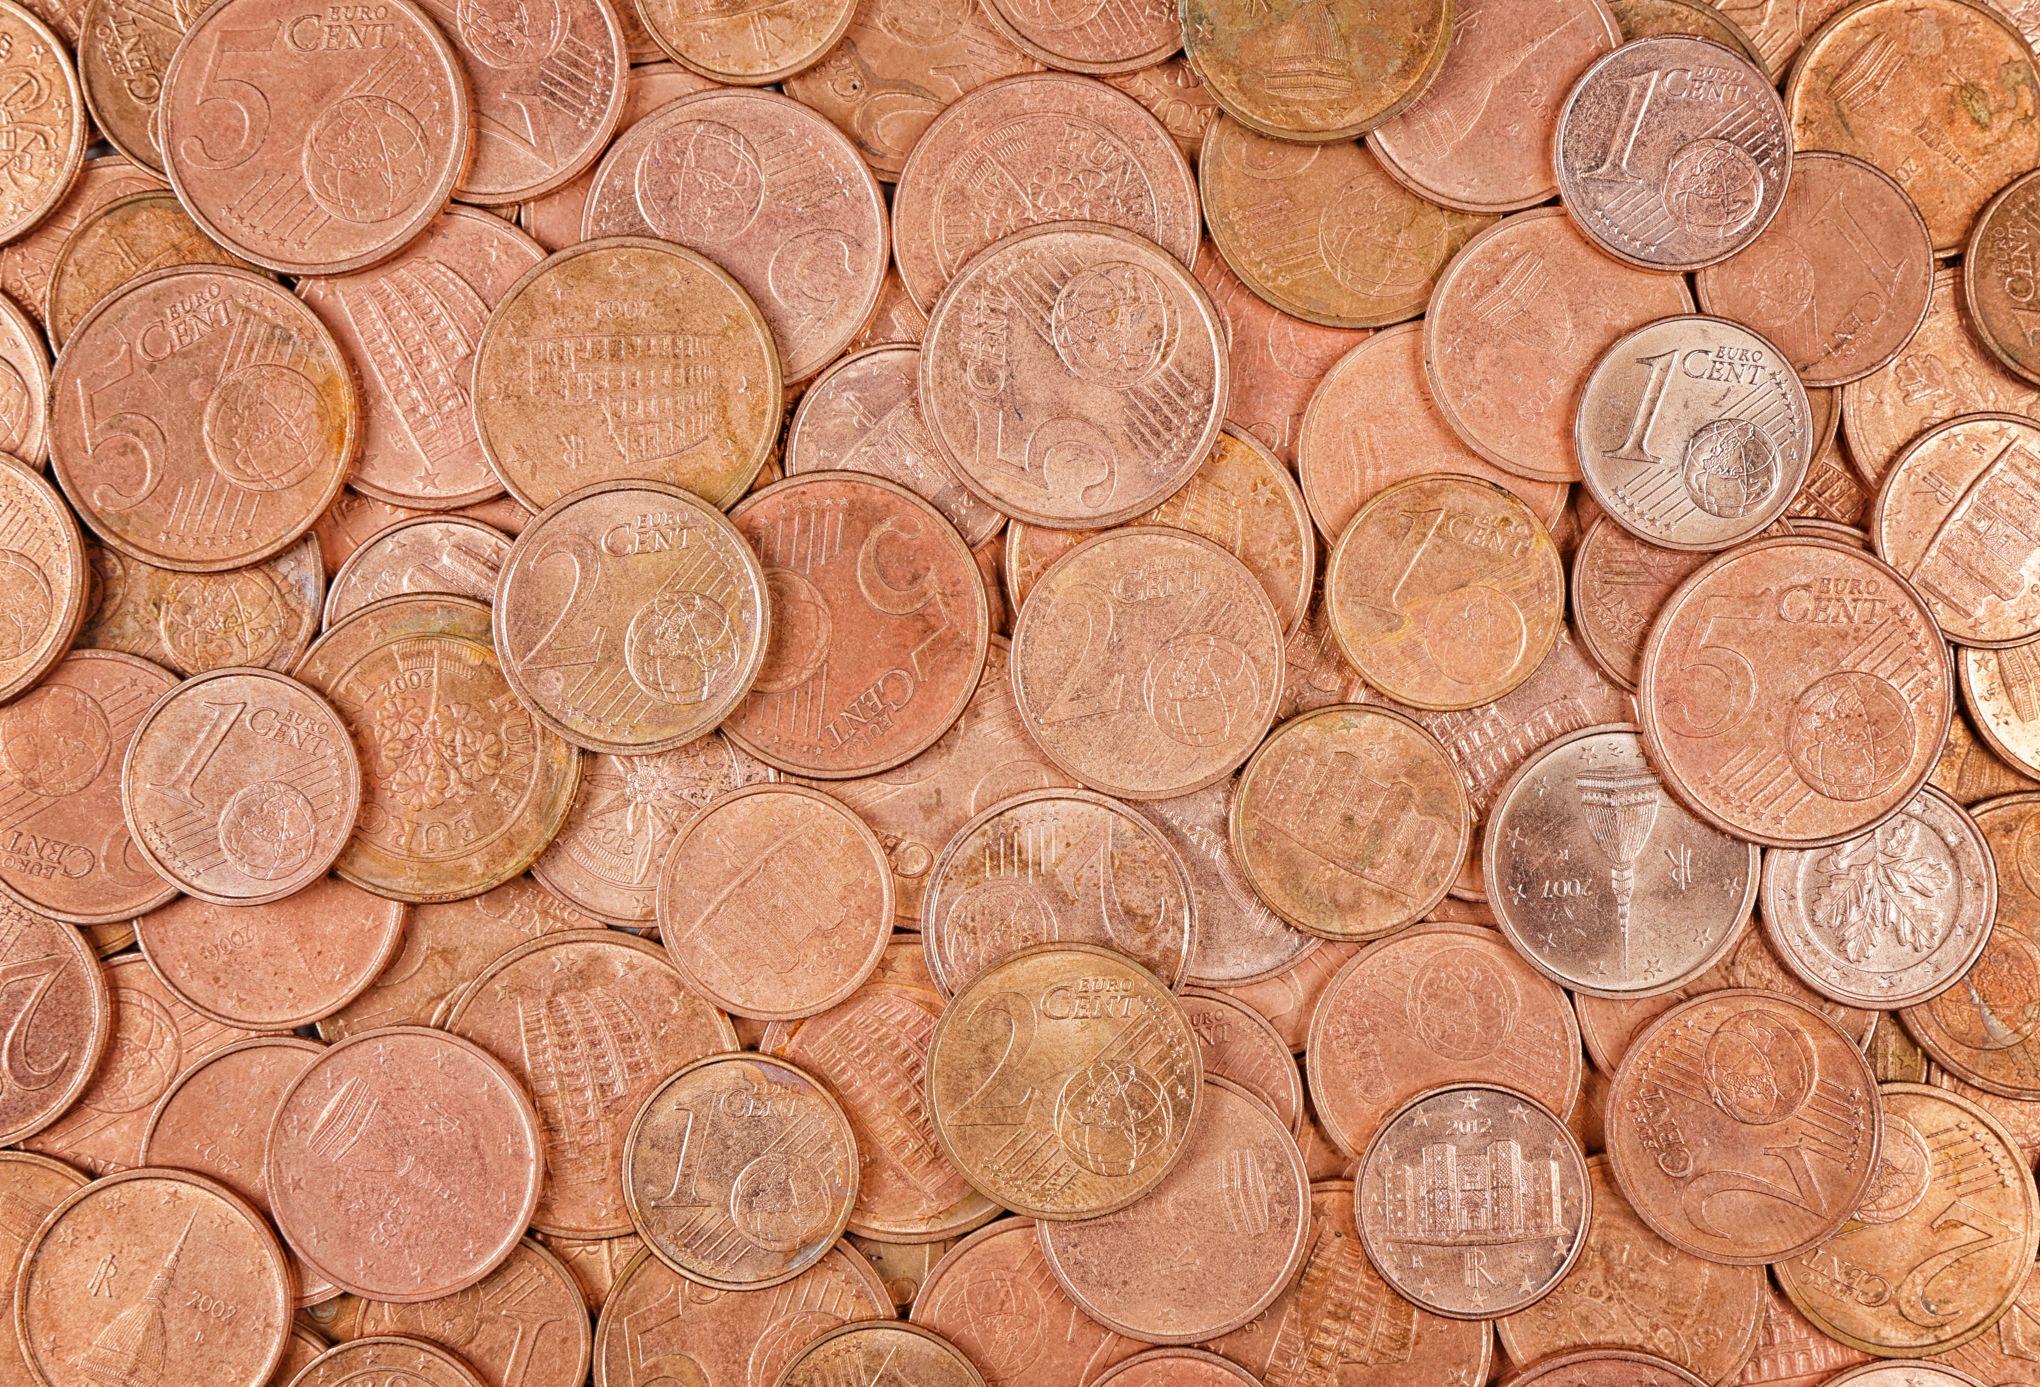 La fin des pièces de 1 et 2 centimes d'euro est envisagée